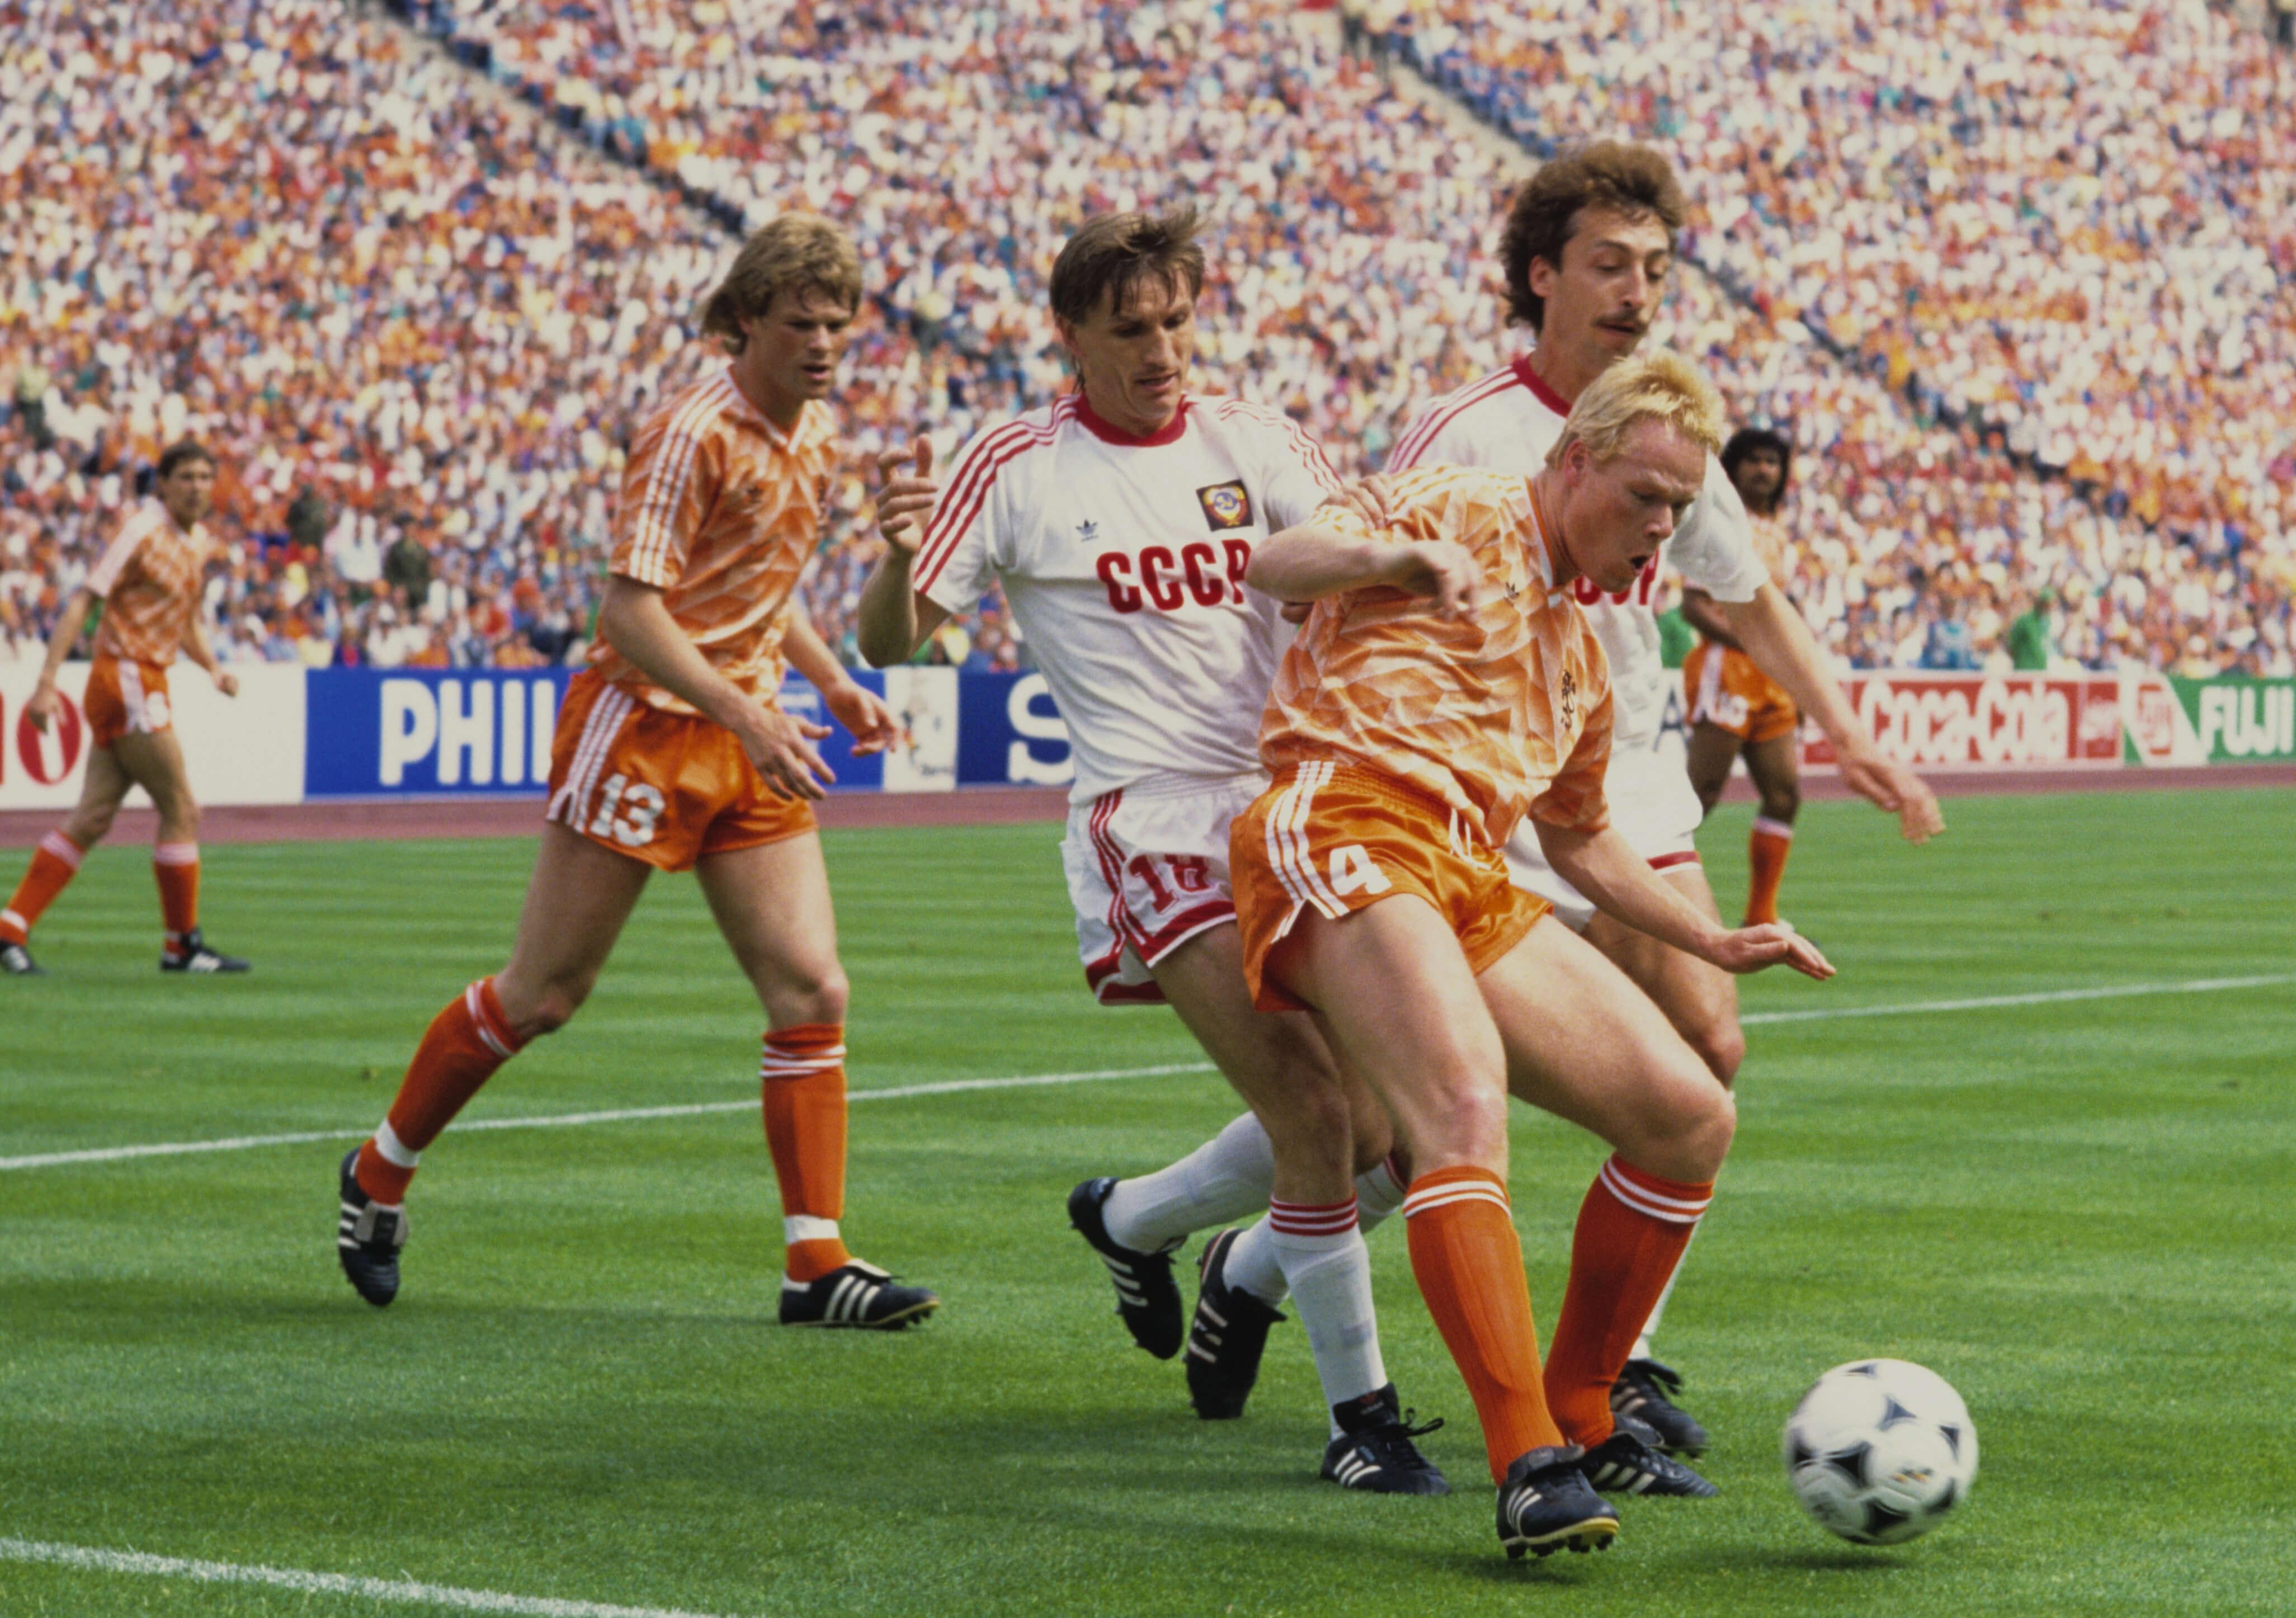 Финал чемпионата Европы 1988 года